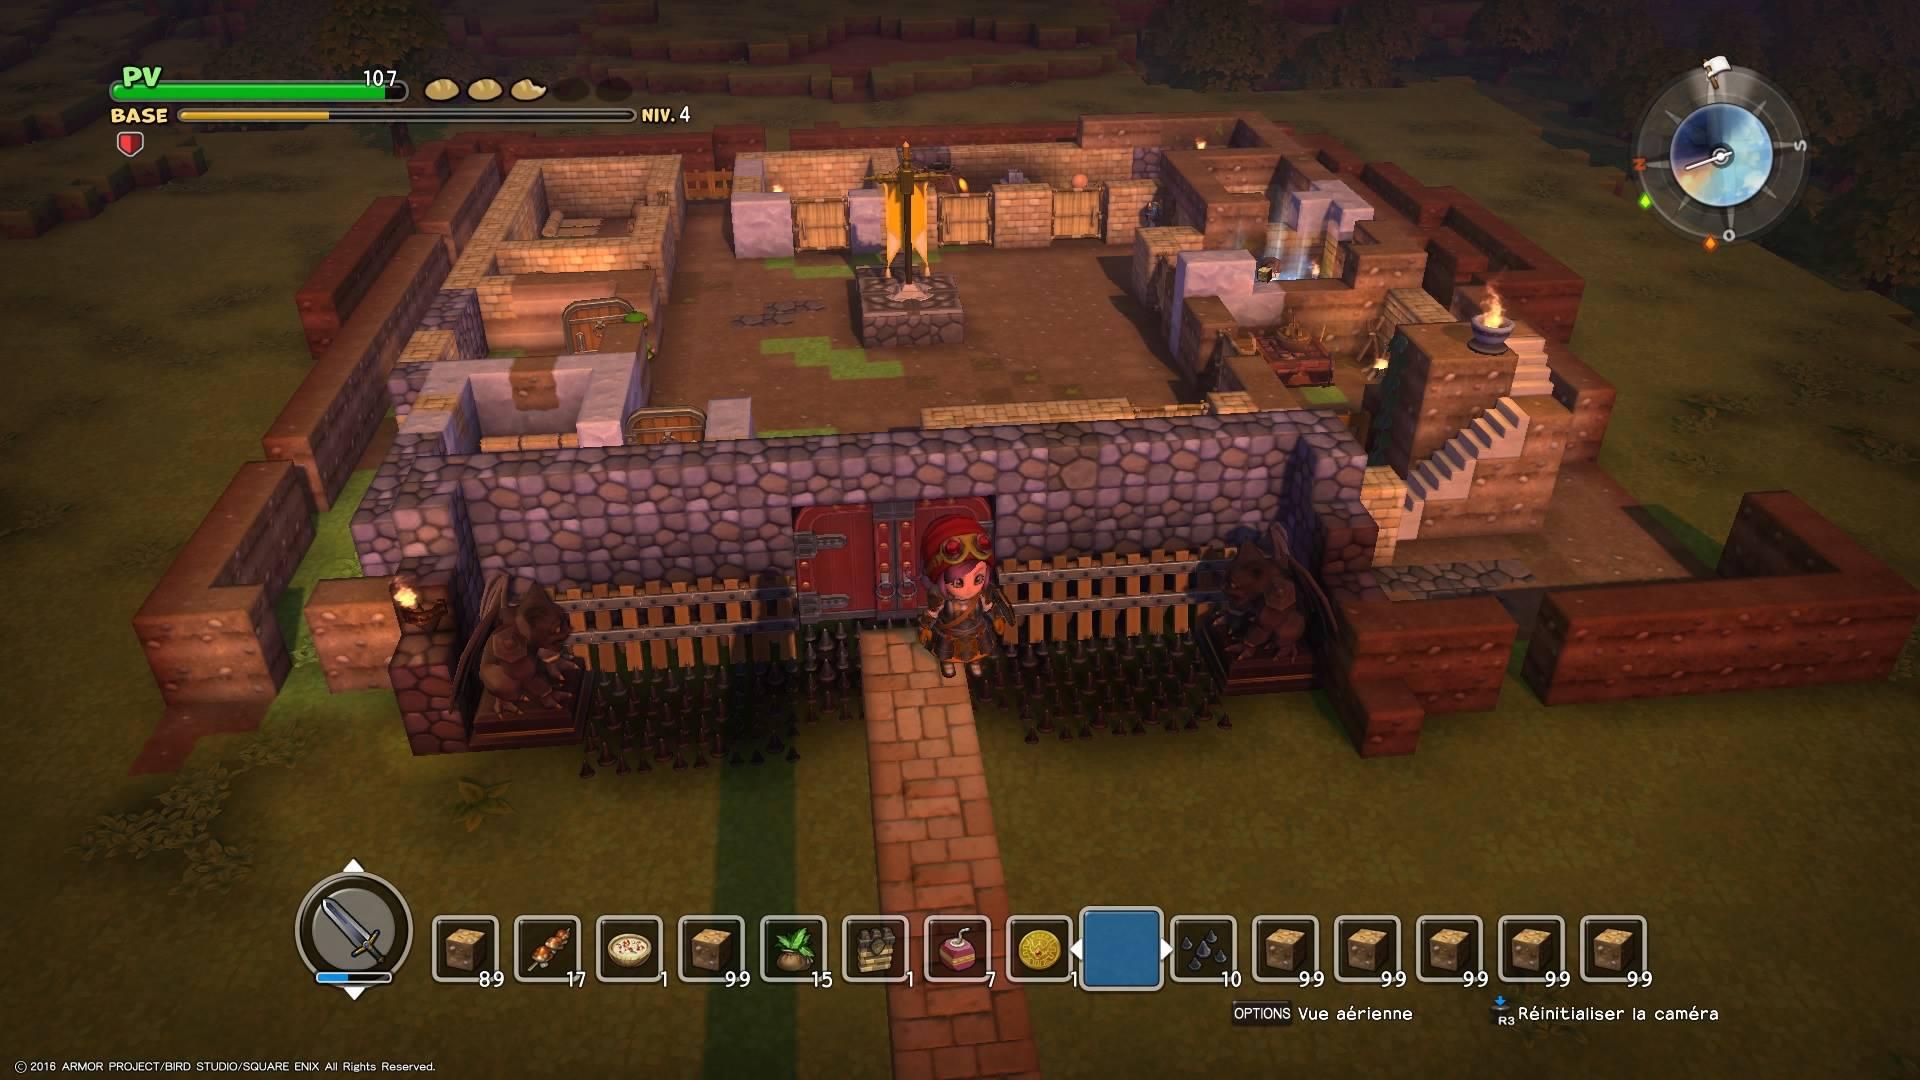 TEST Dragon Quest Builders Le Minecraft Sauce Dragon Quest